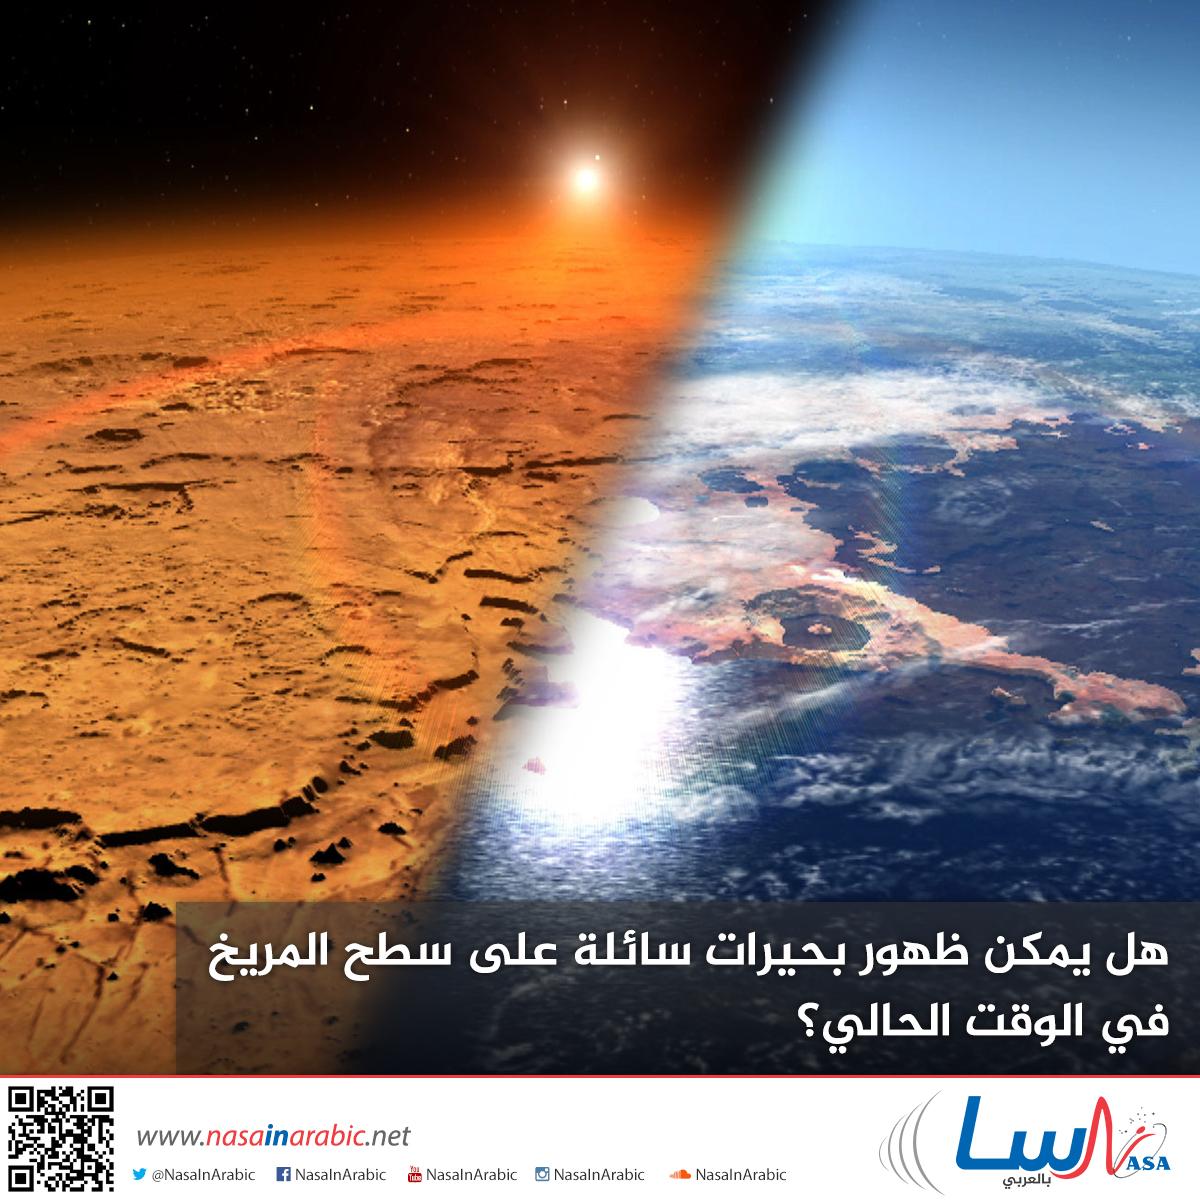 هل يمكن ظهور بحيرات سائلة على سطح المريخ في الوقت الحالي؟